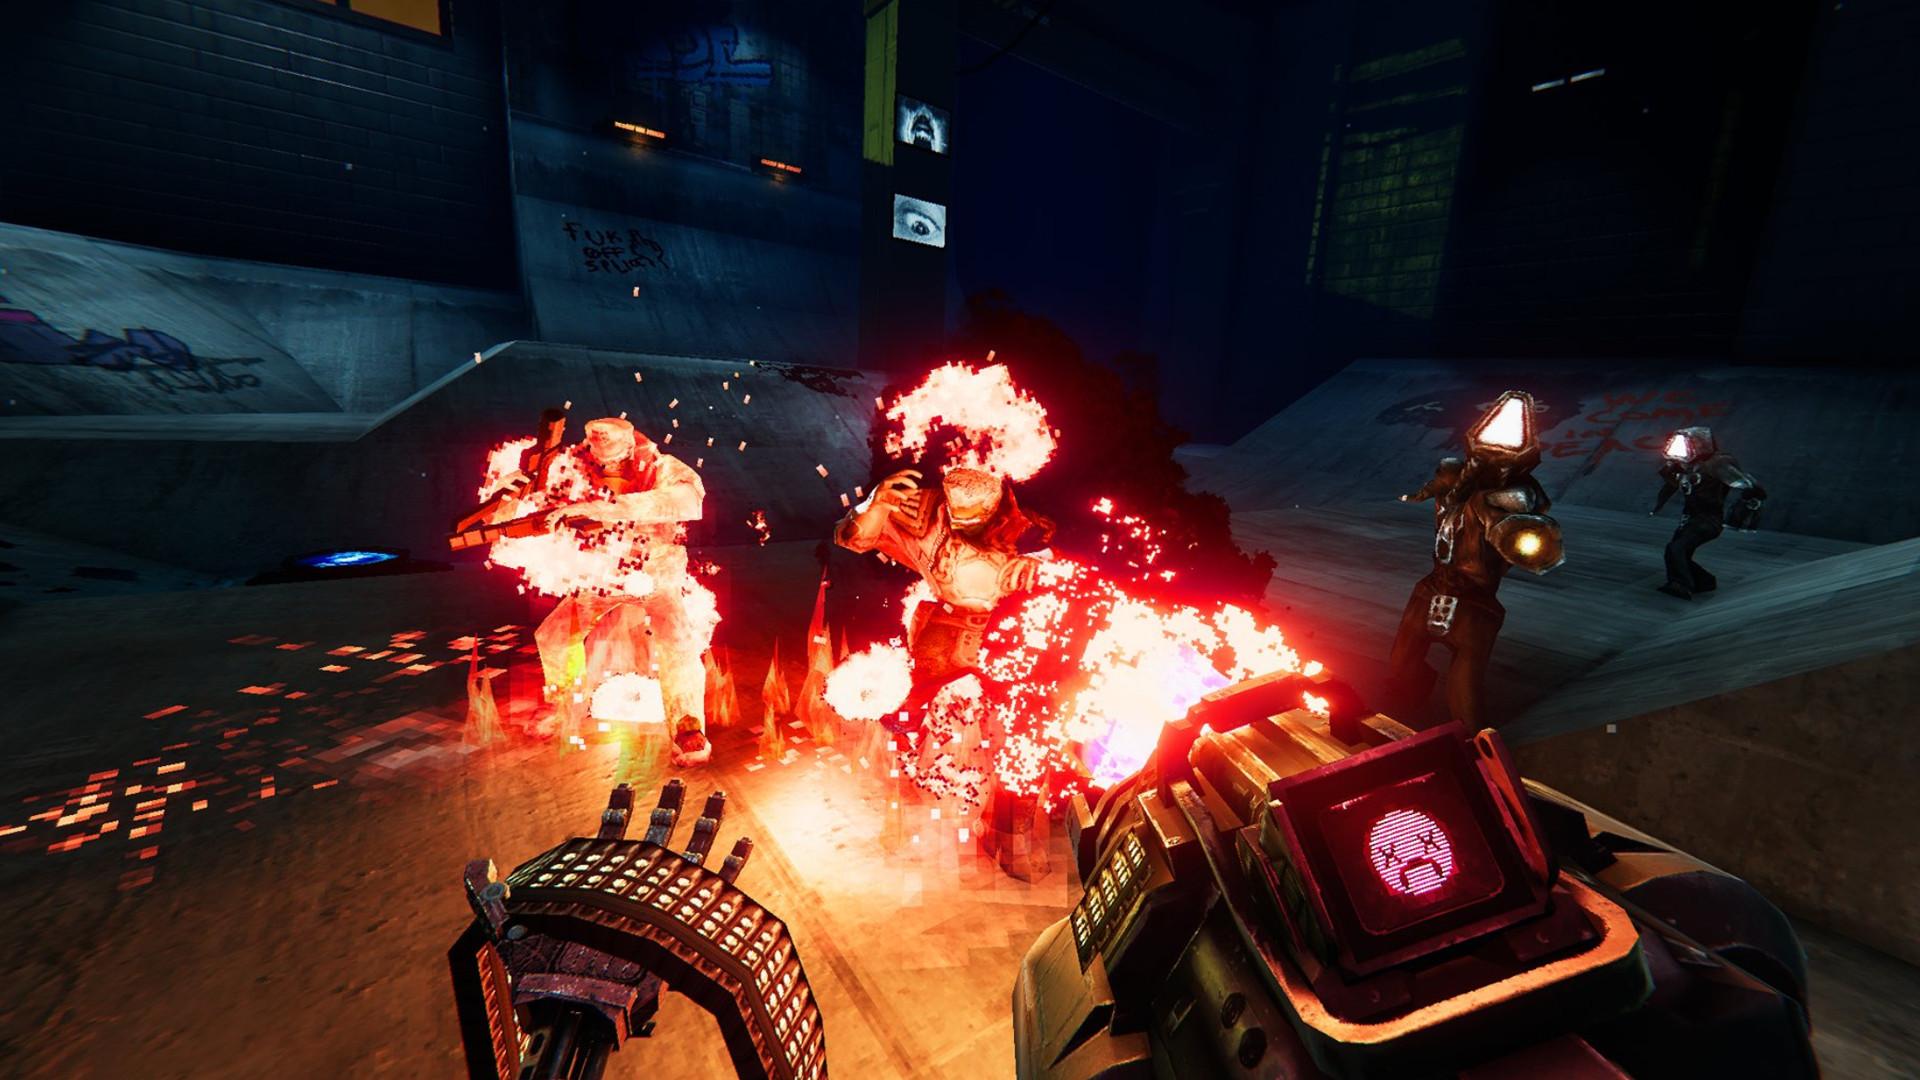 враги в огне